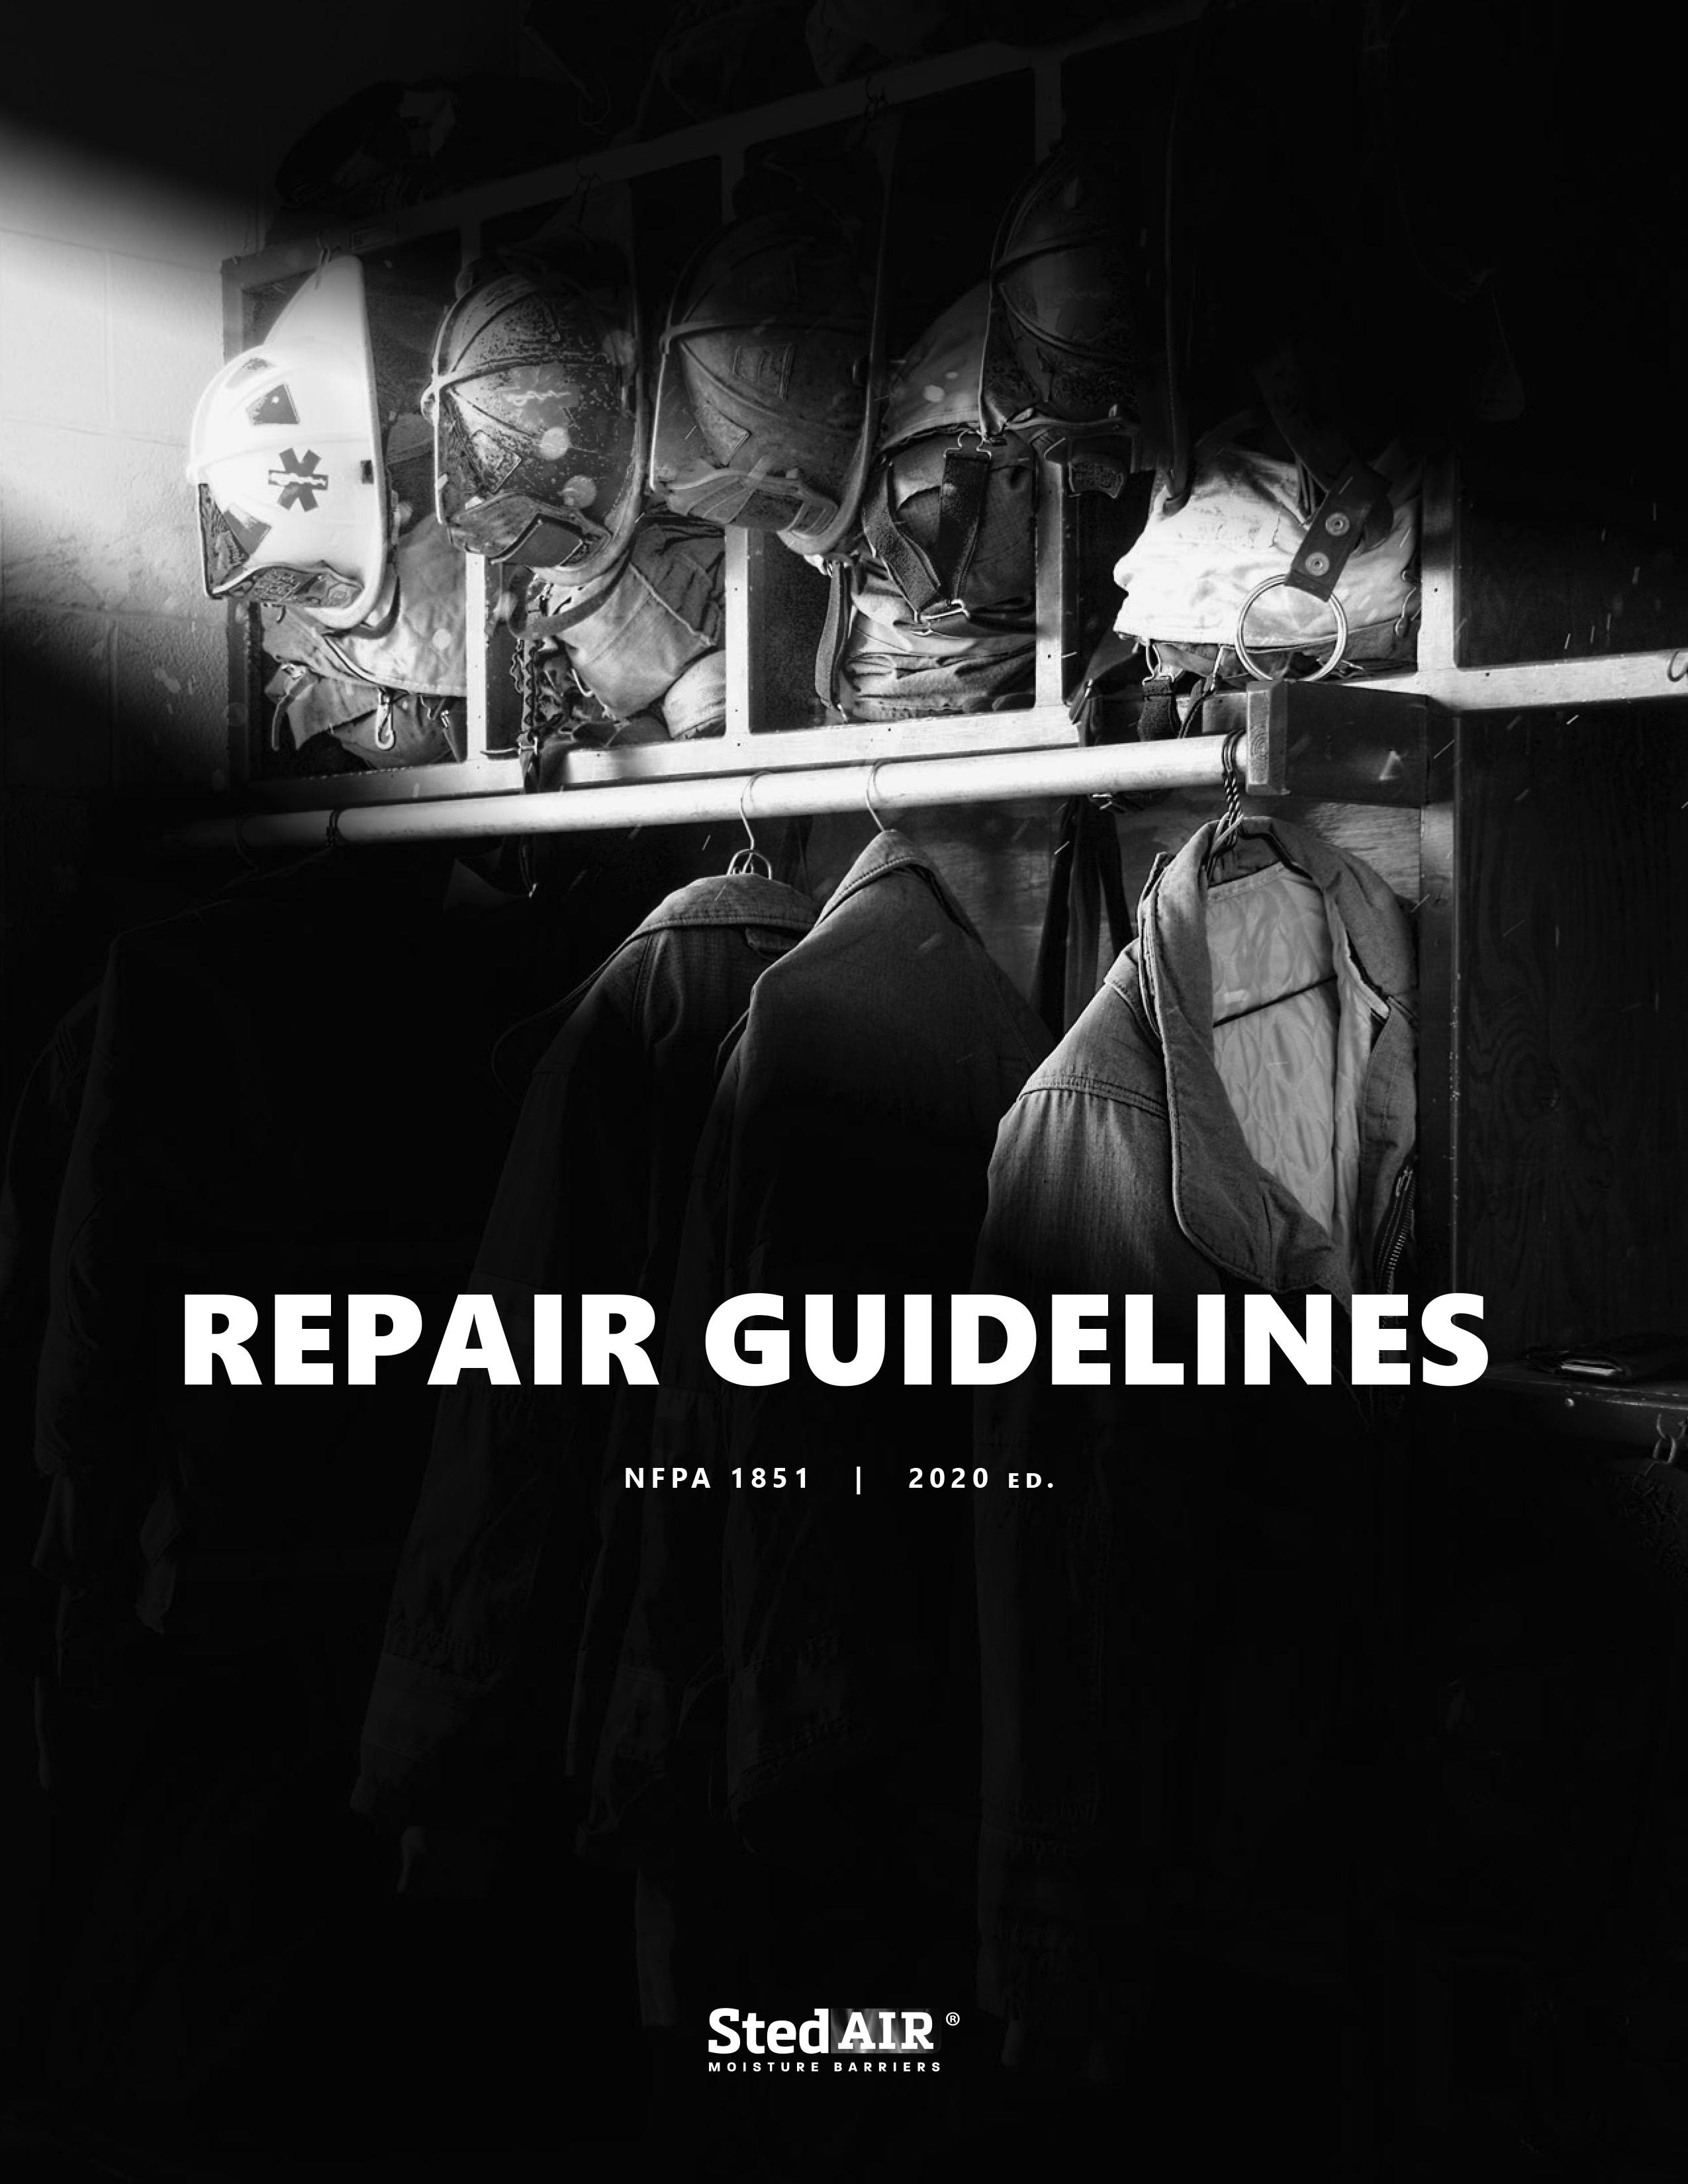 NFPA 1851 Repair Guidelines